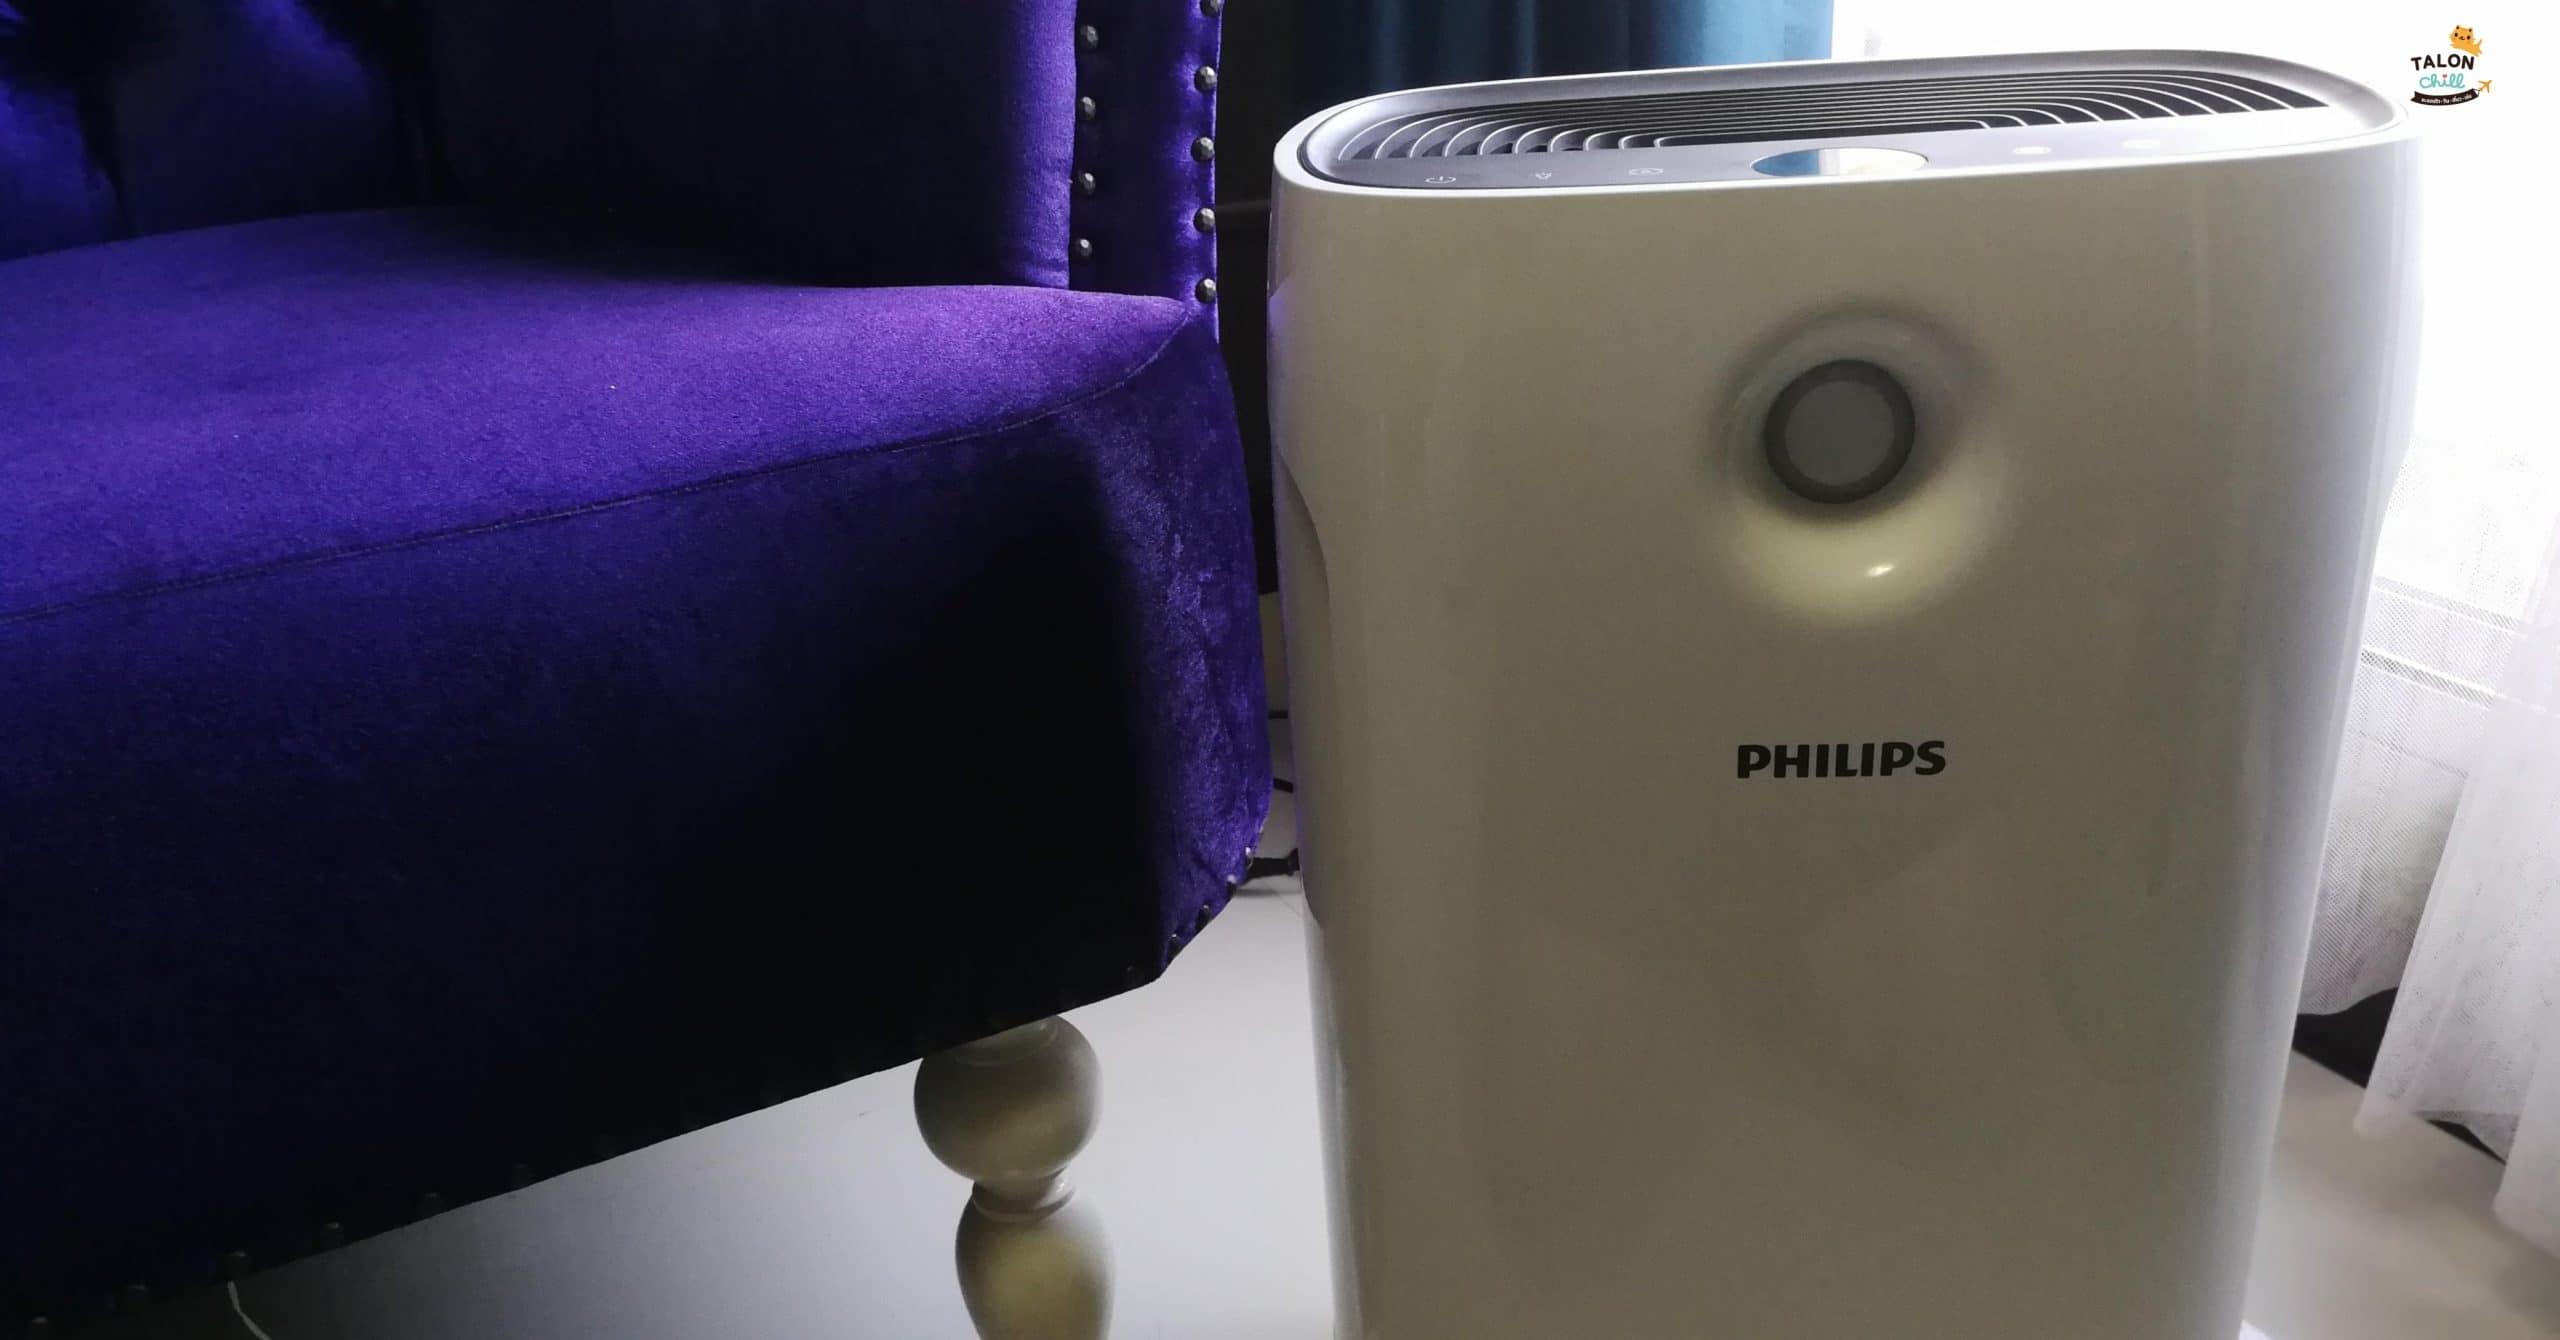 [รีวิว] เครื่องฟอกอากาศฟิลิปส์ Philips Series 2000 1